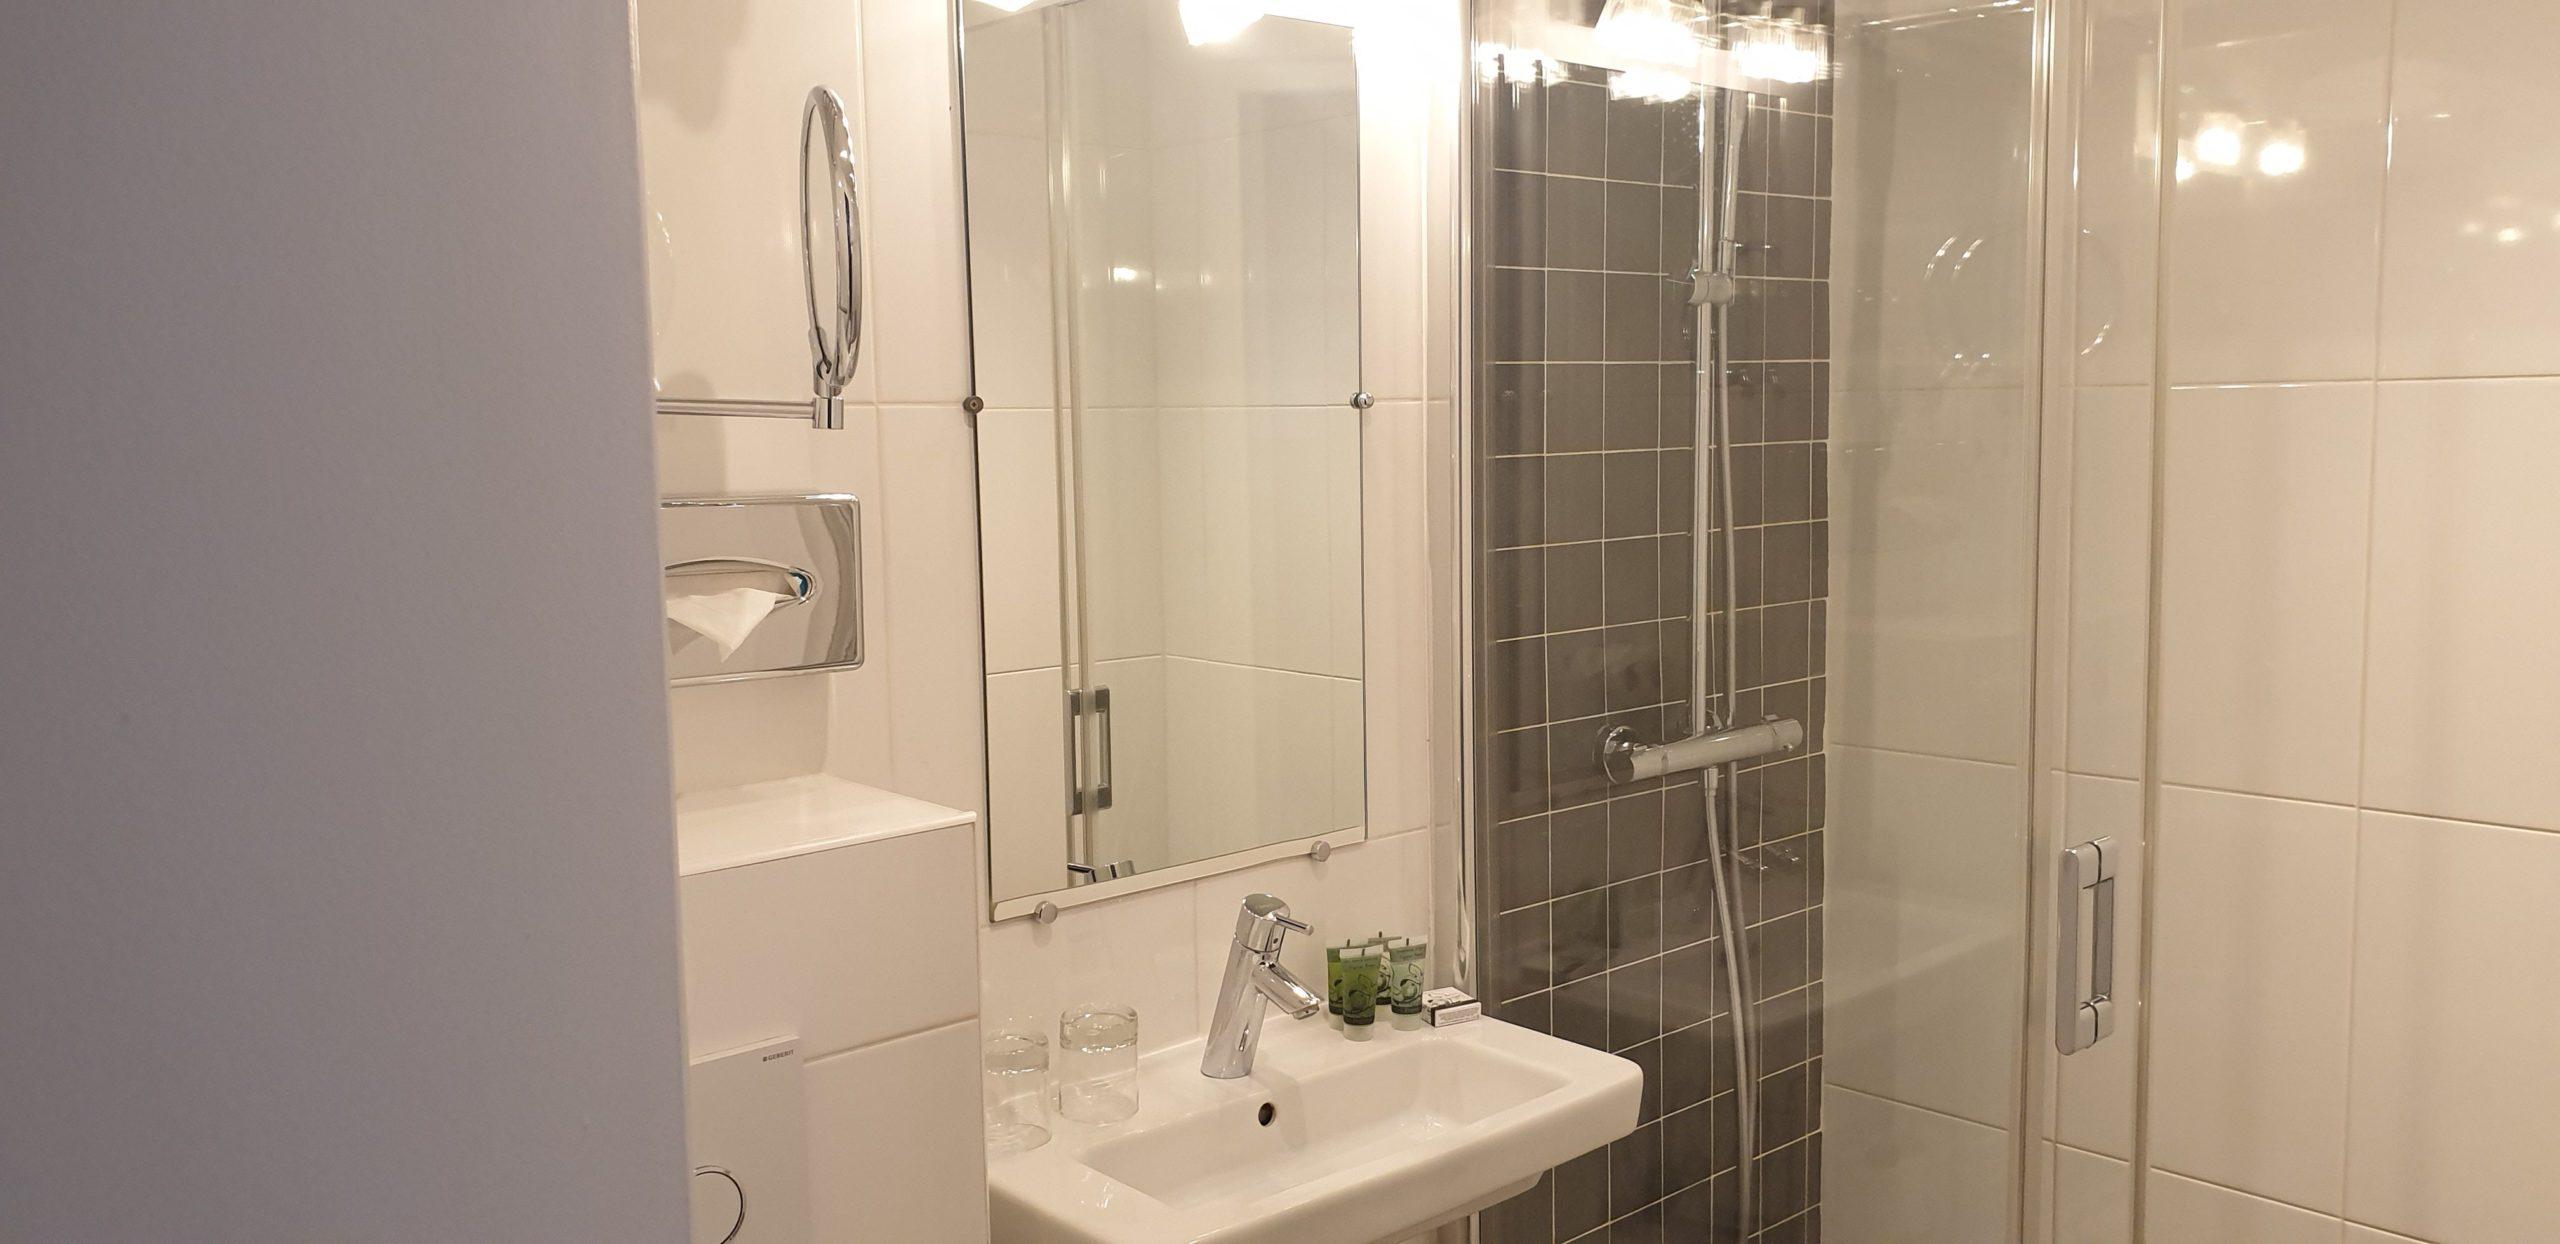 Salle de bain double classique 2 - hôtel star champs-élysées